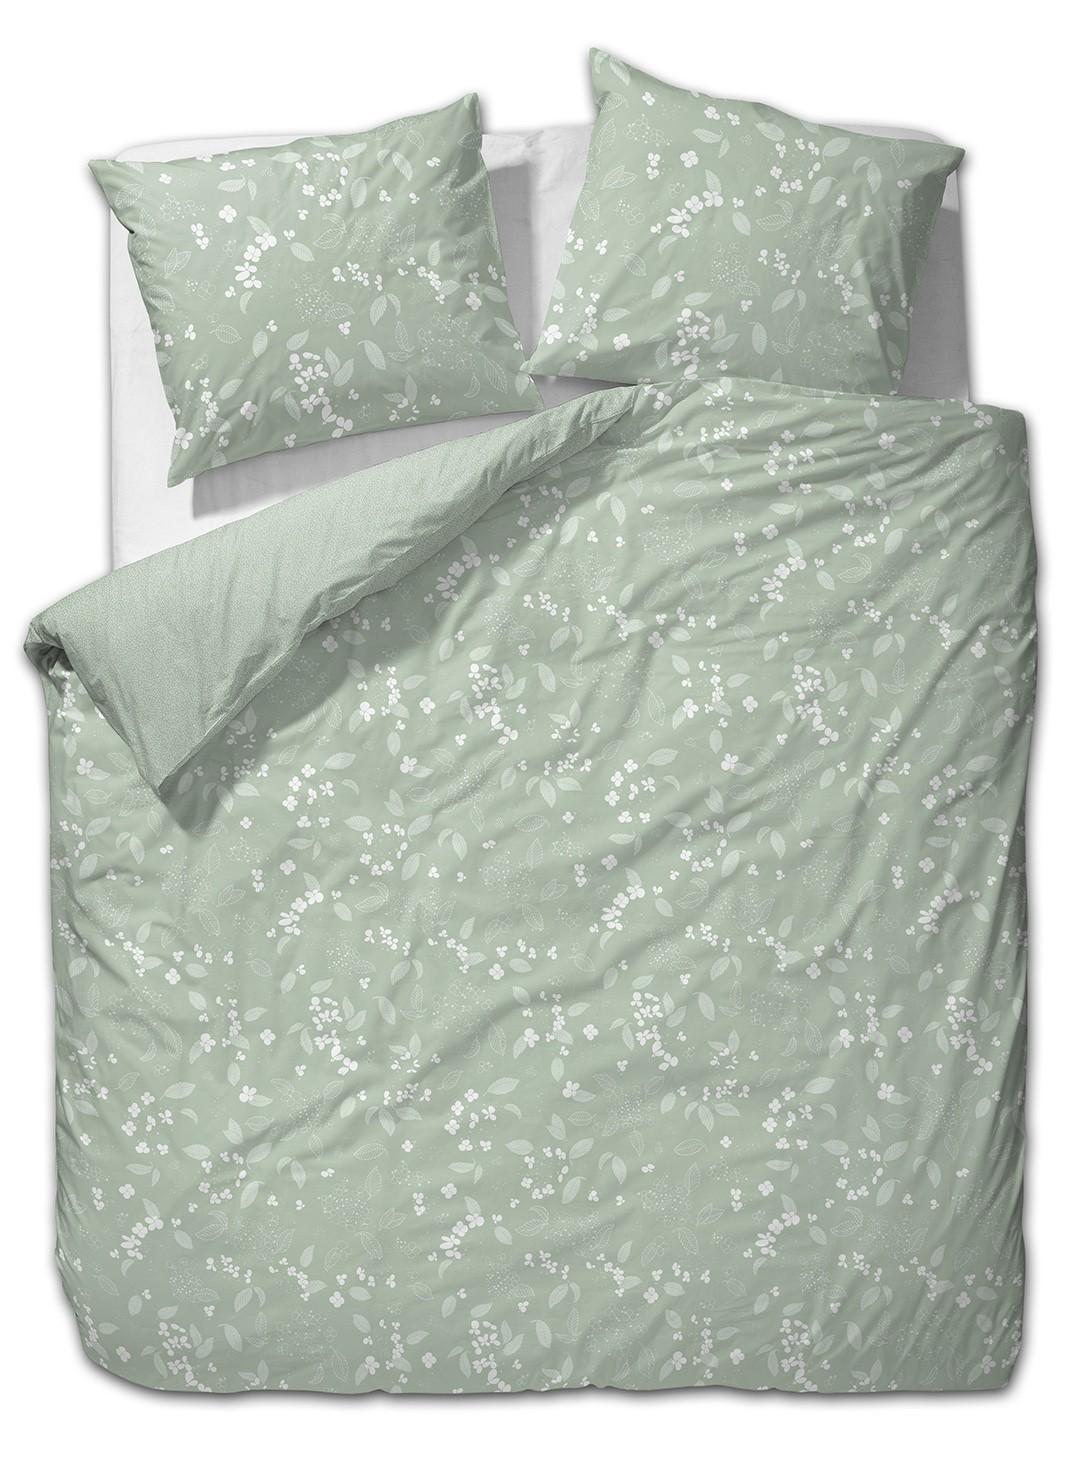 Κουβερλί Υπέρδιπλο Vesta Living Julia 1 home   κρεβατοκάμαρα   κουβερλί   κουβερλί υπέρδιπλα